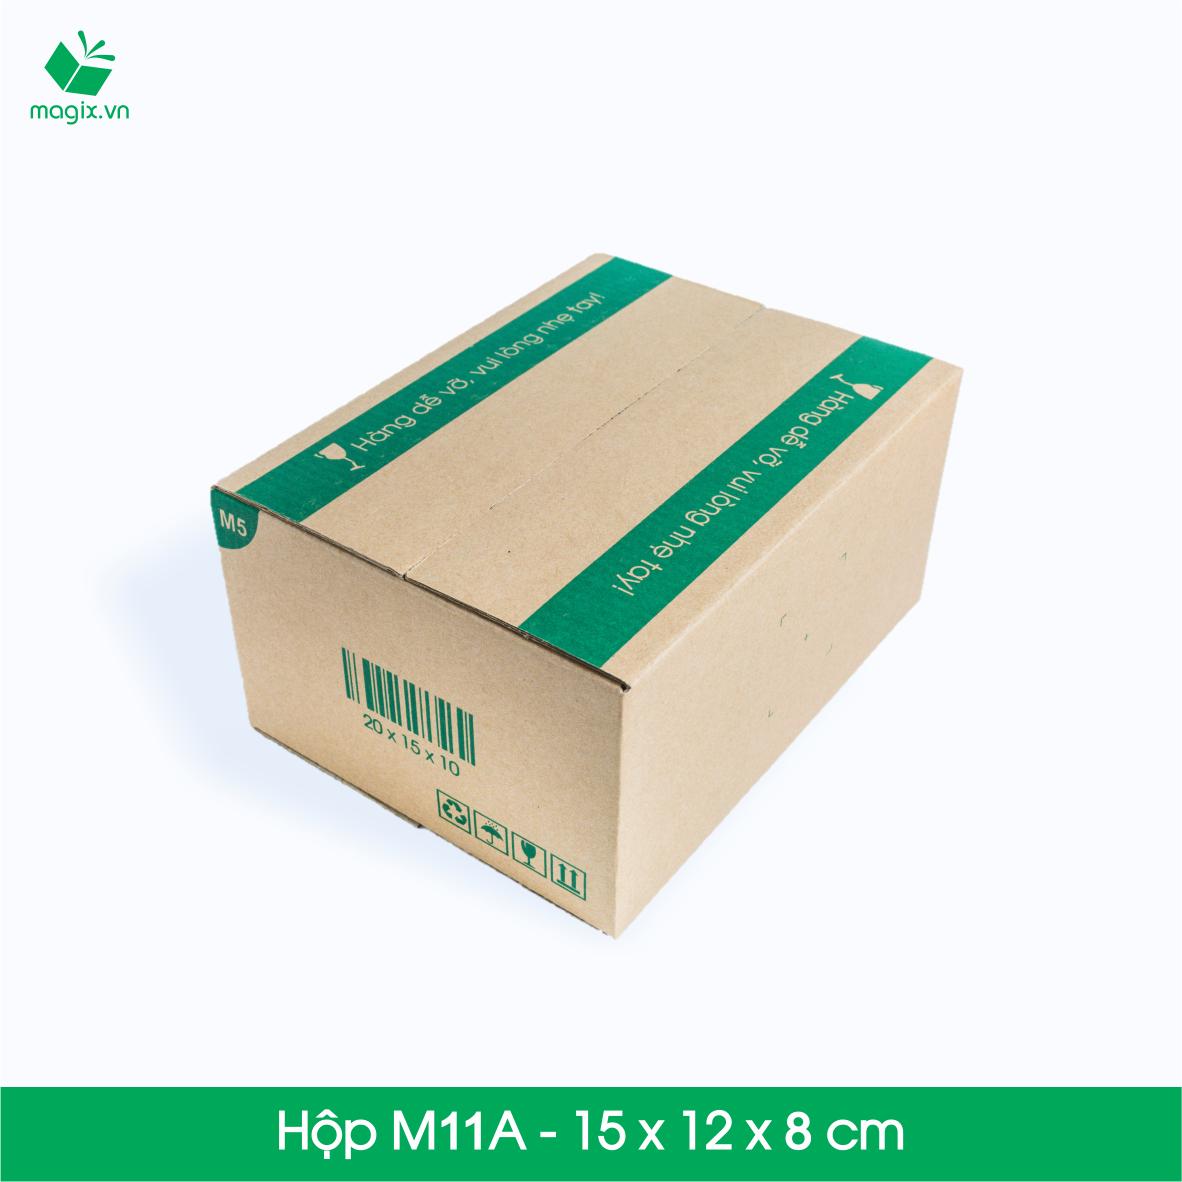 Nơi bán thùng carton chuyển nhà tphcm